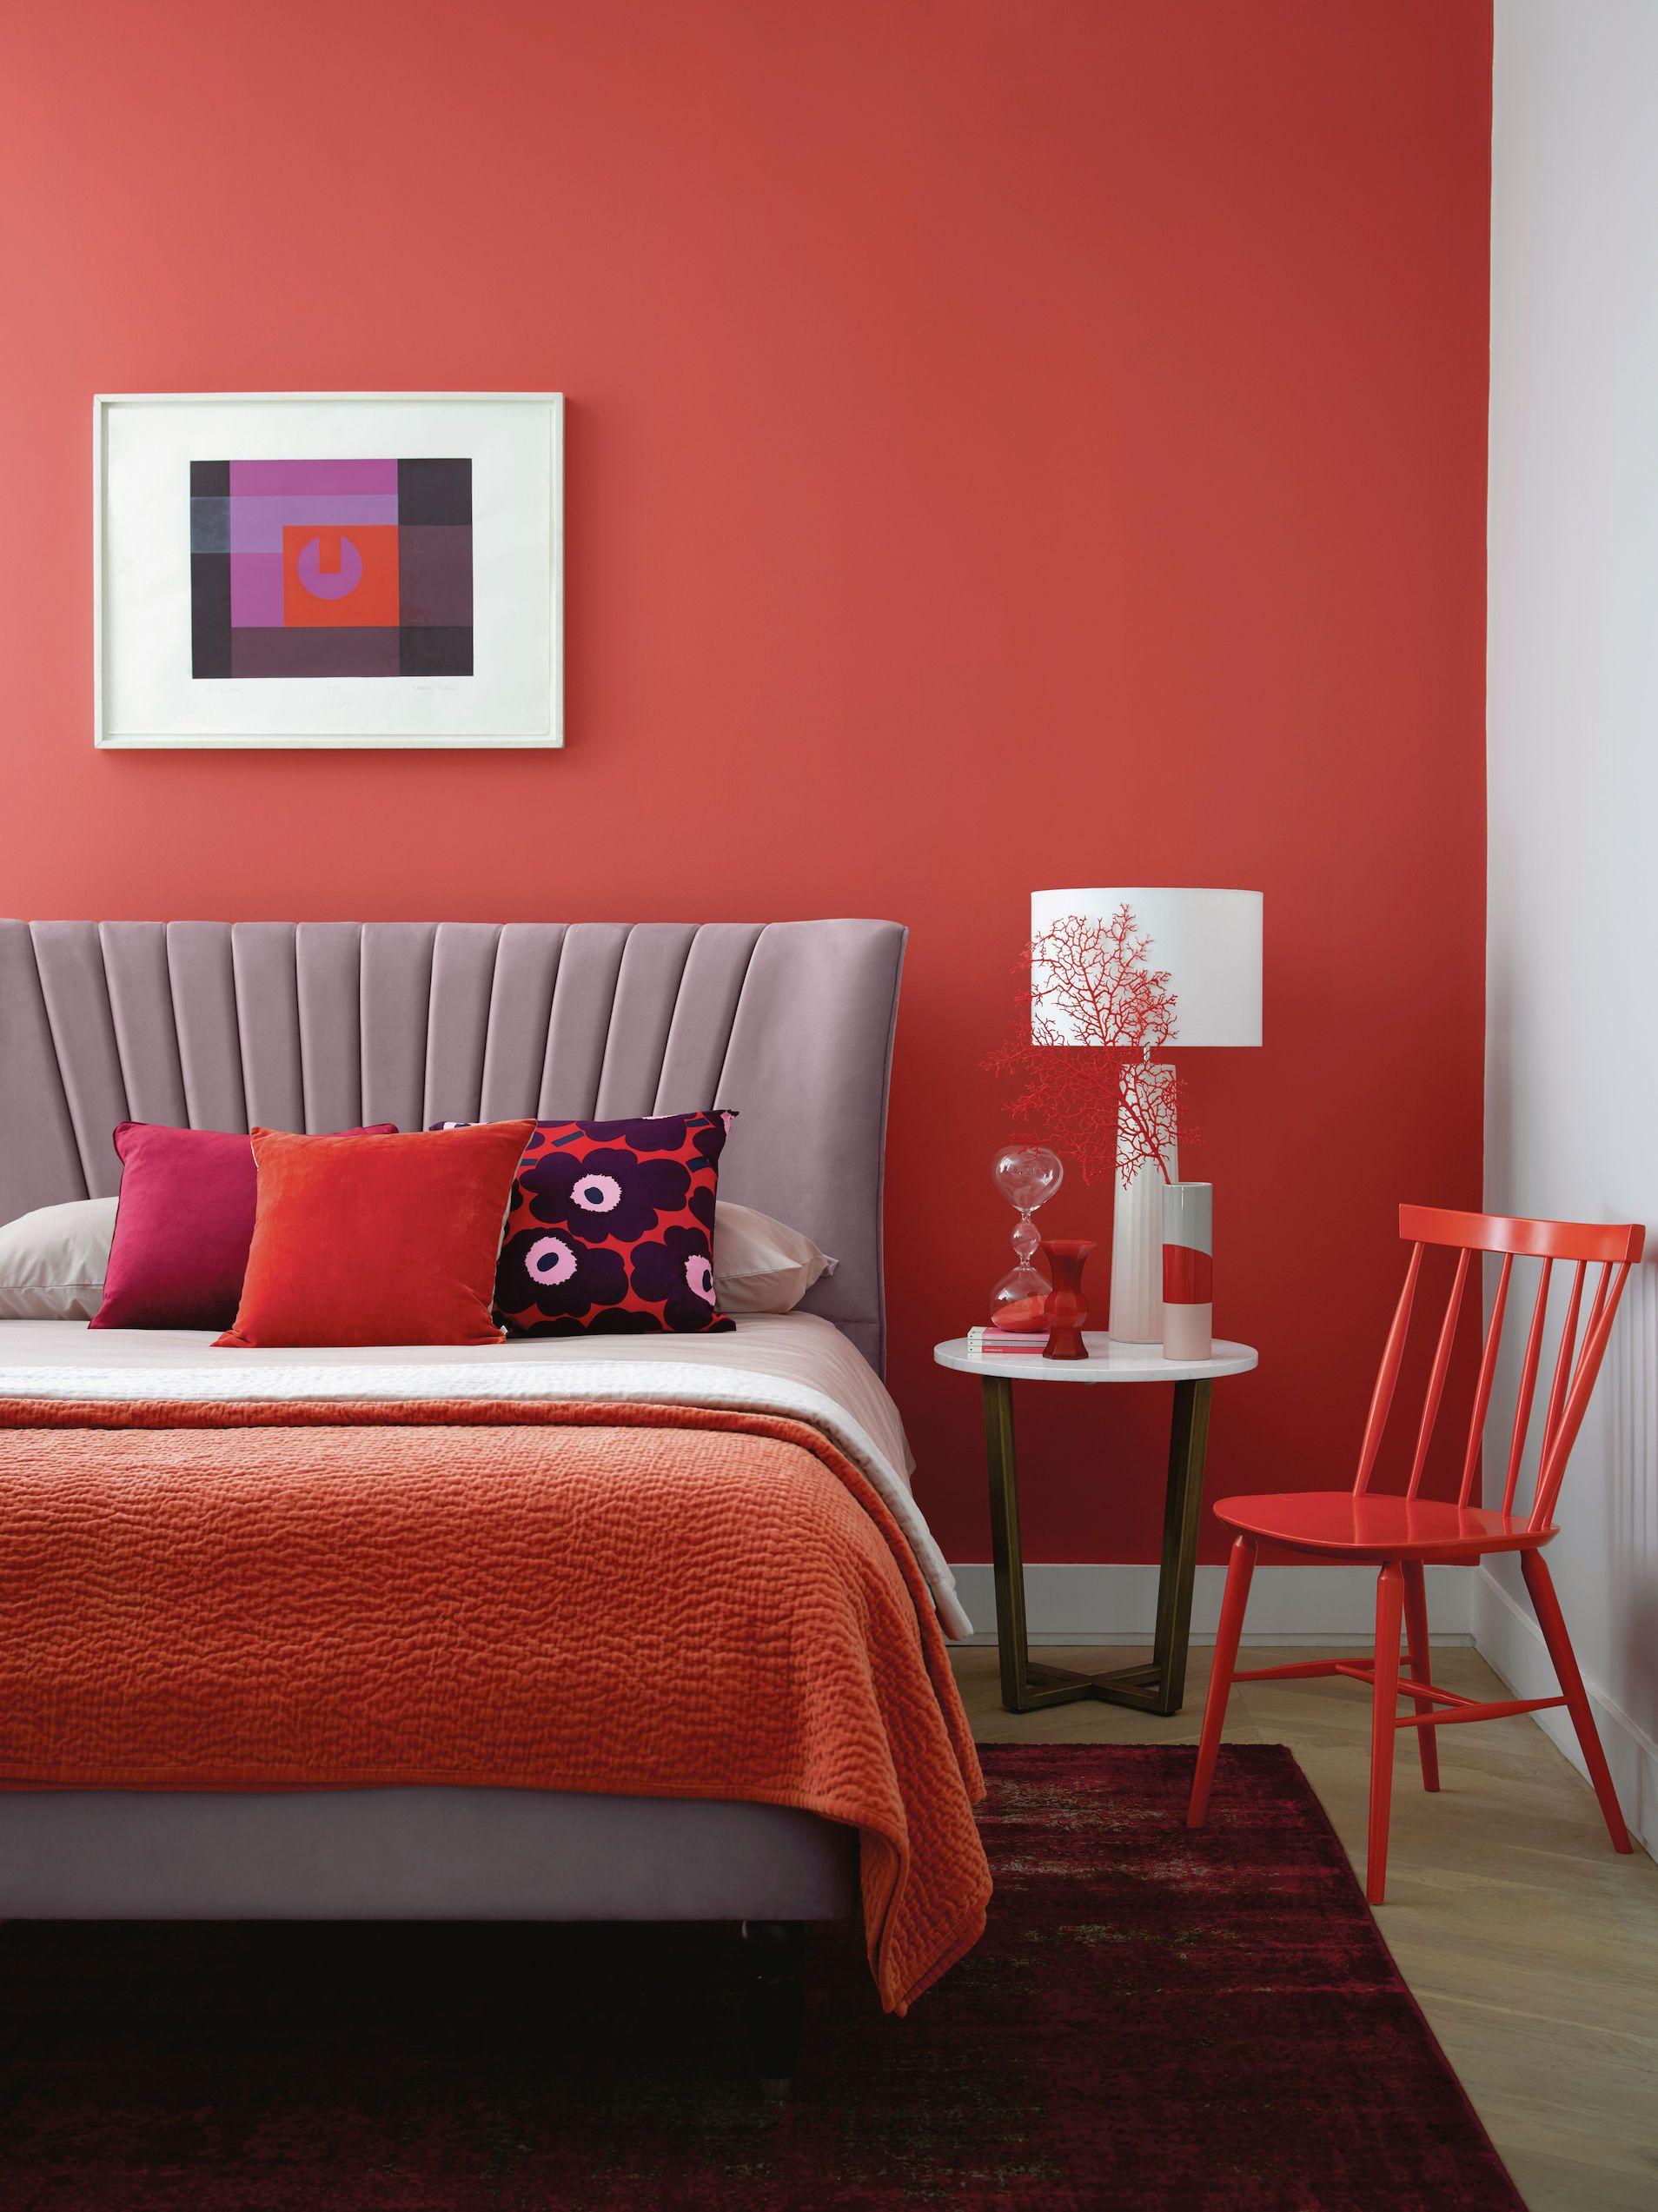 12 Master Bedroom Ideas - Bedroom Decor Ideas